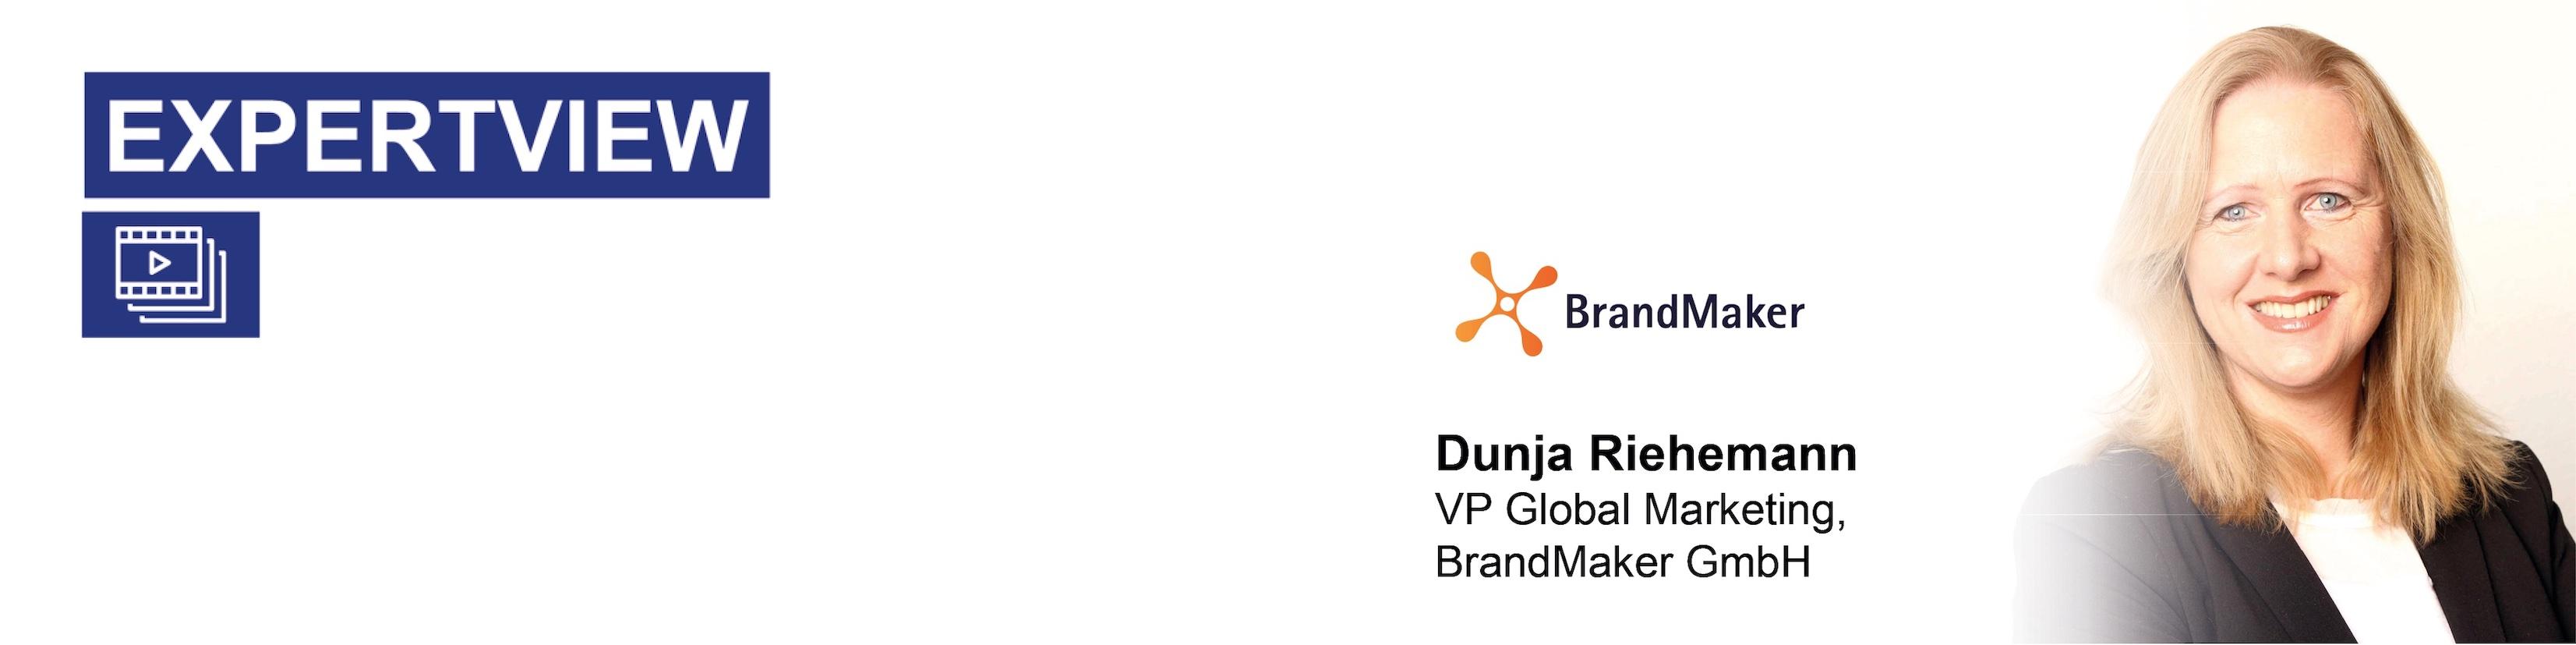 header_brandmaker